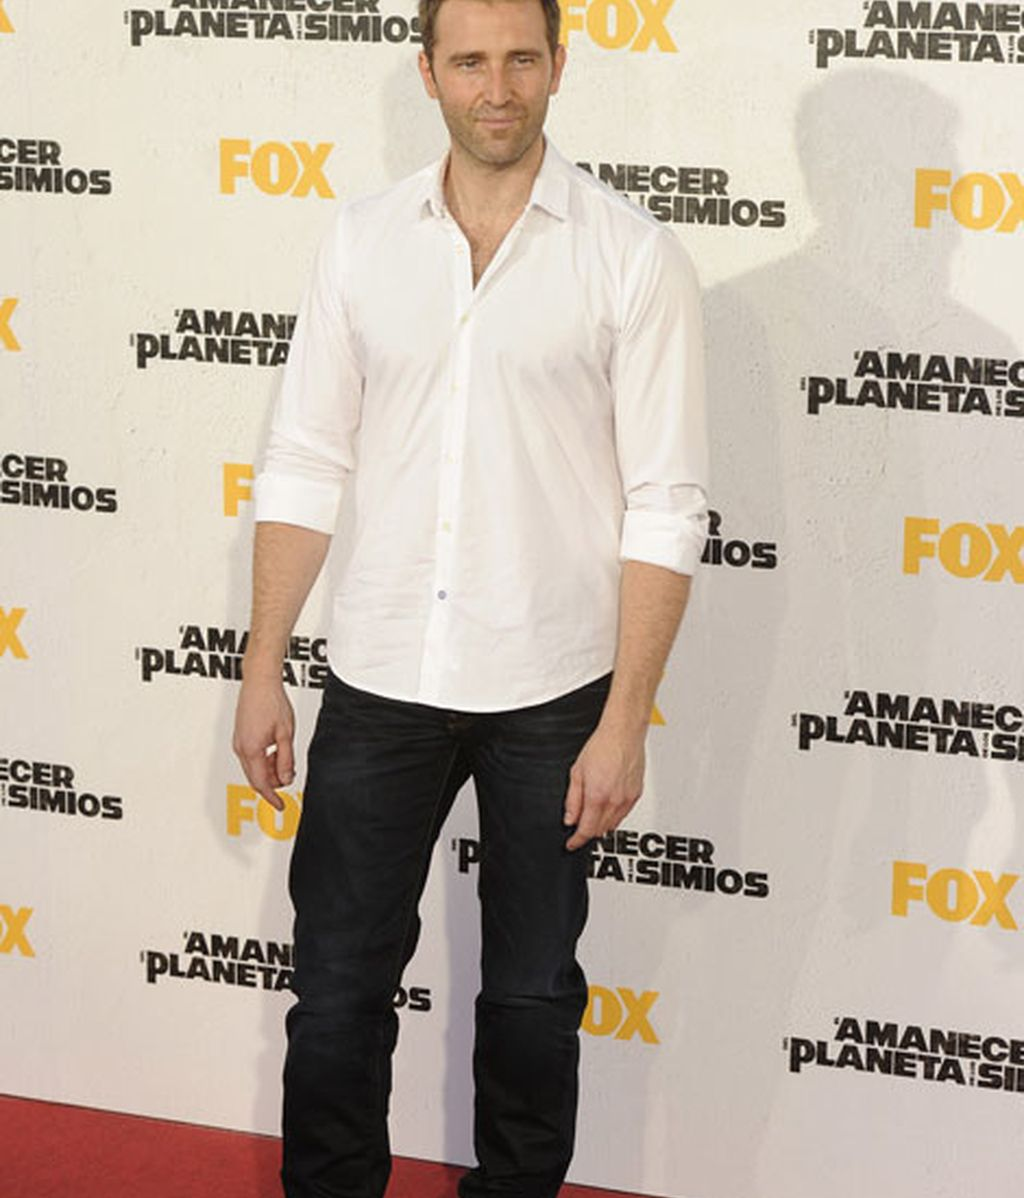 El actor Fernando Gil con camisa blanca y pantalón negro